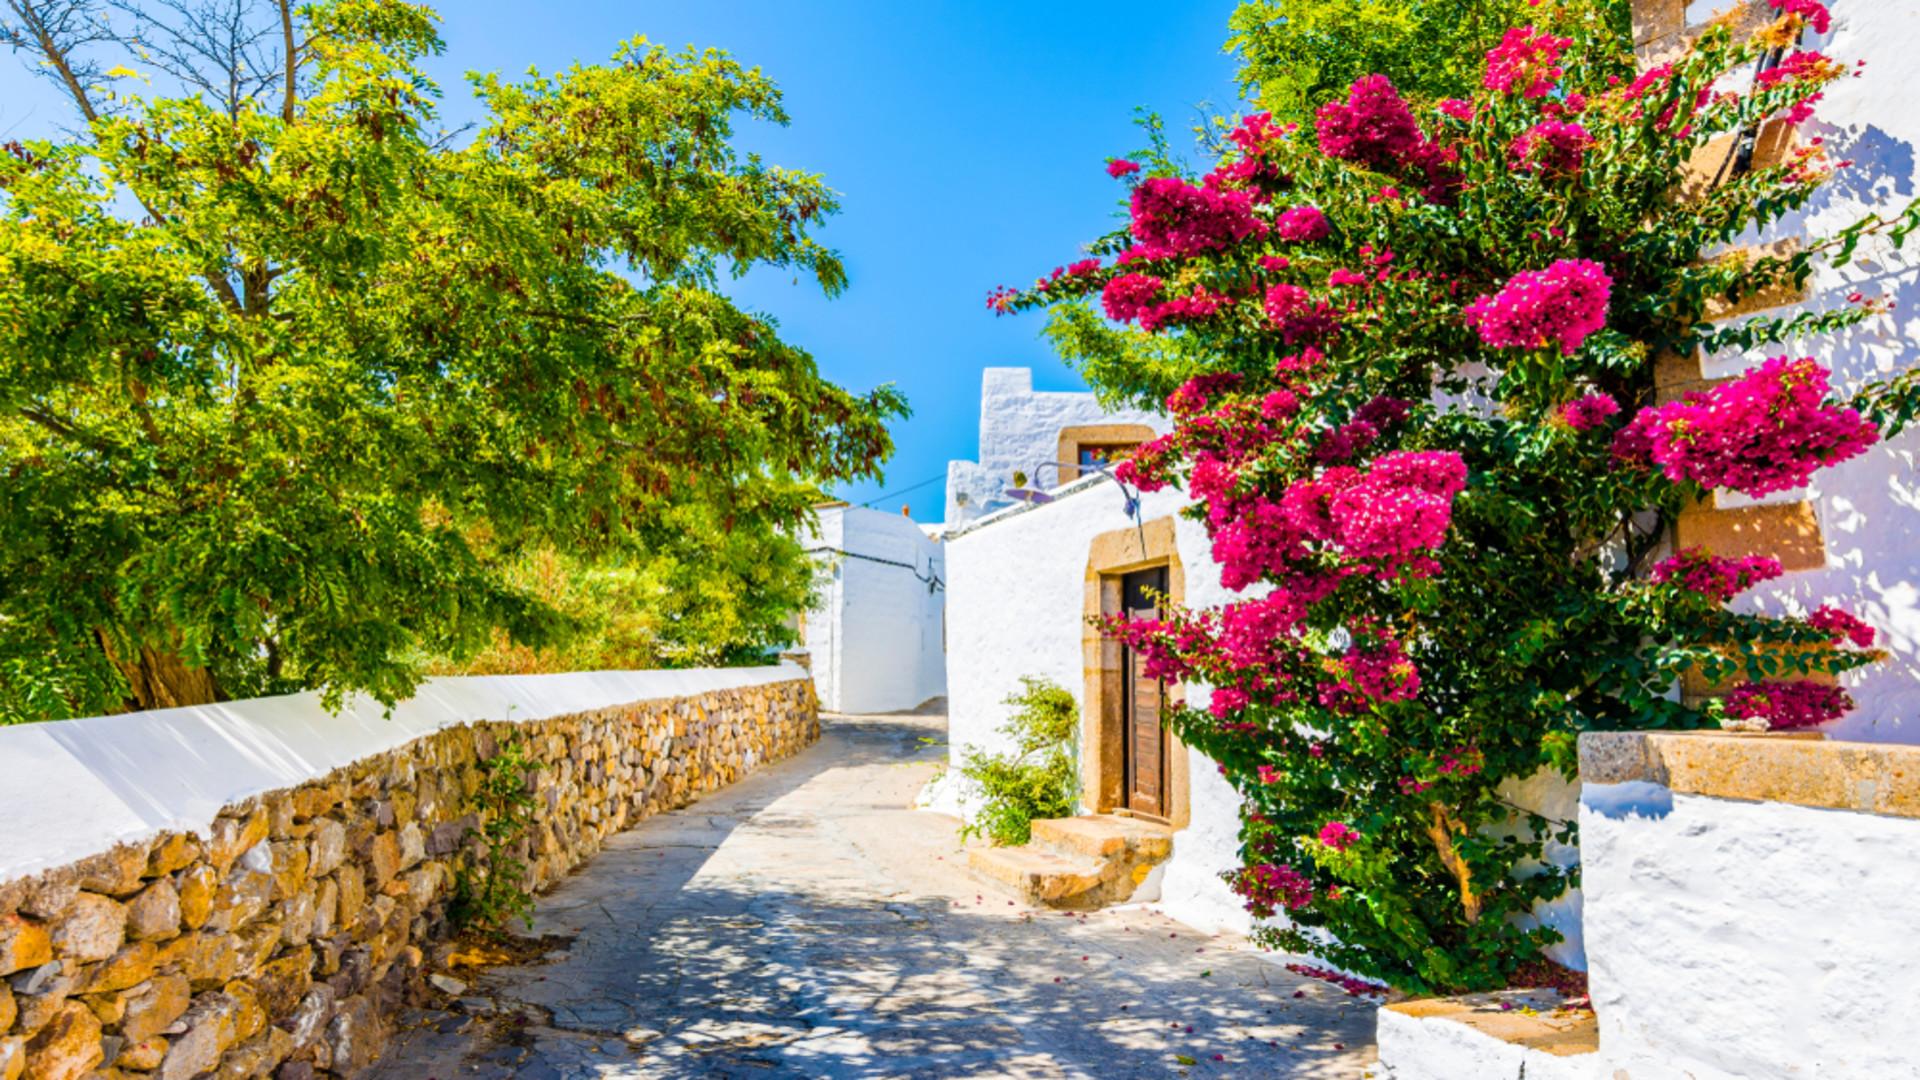 Chora, Patmos, Griekenland, blauwe lucht, roze bloemen en wit gebouw